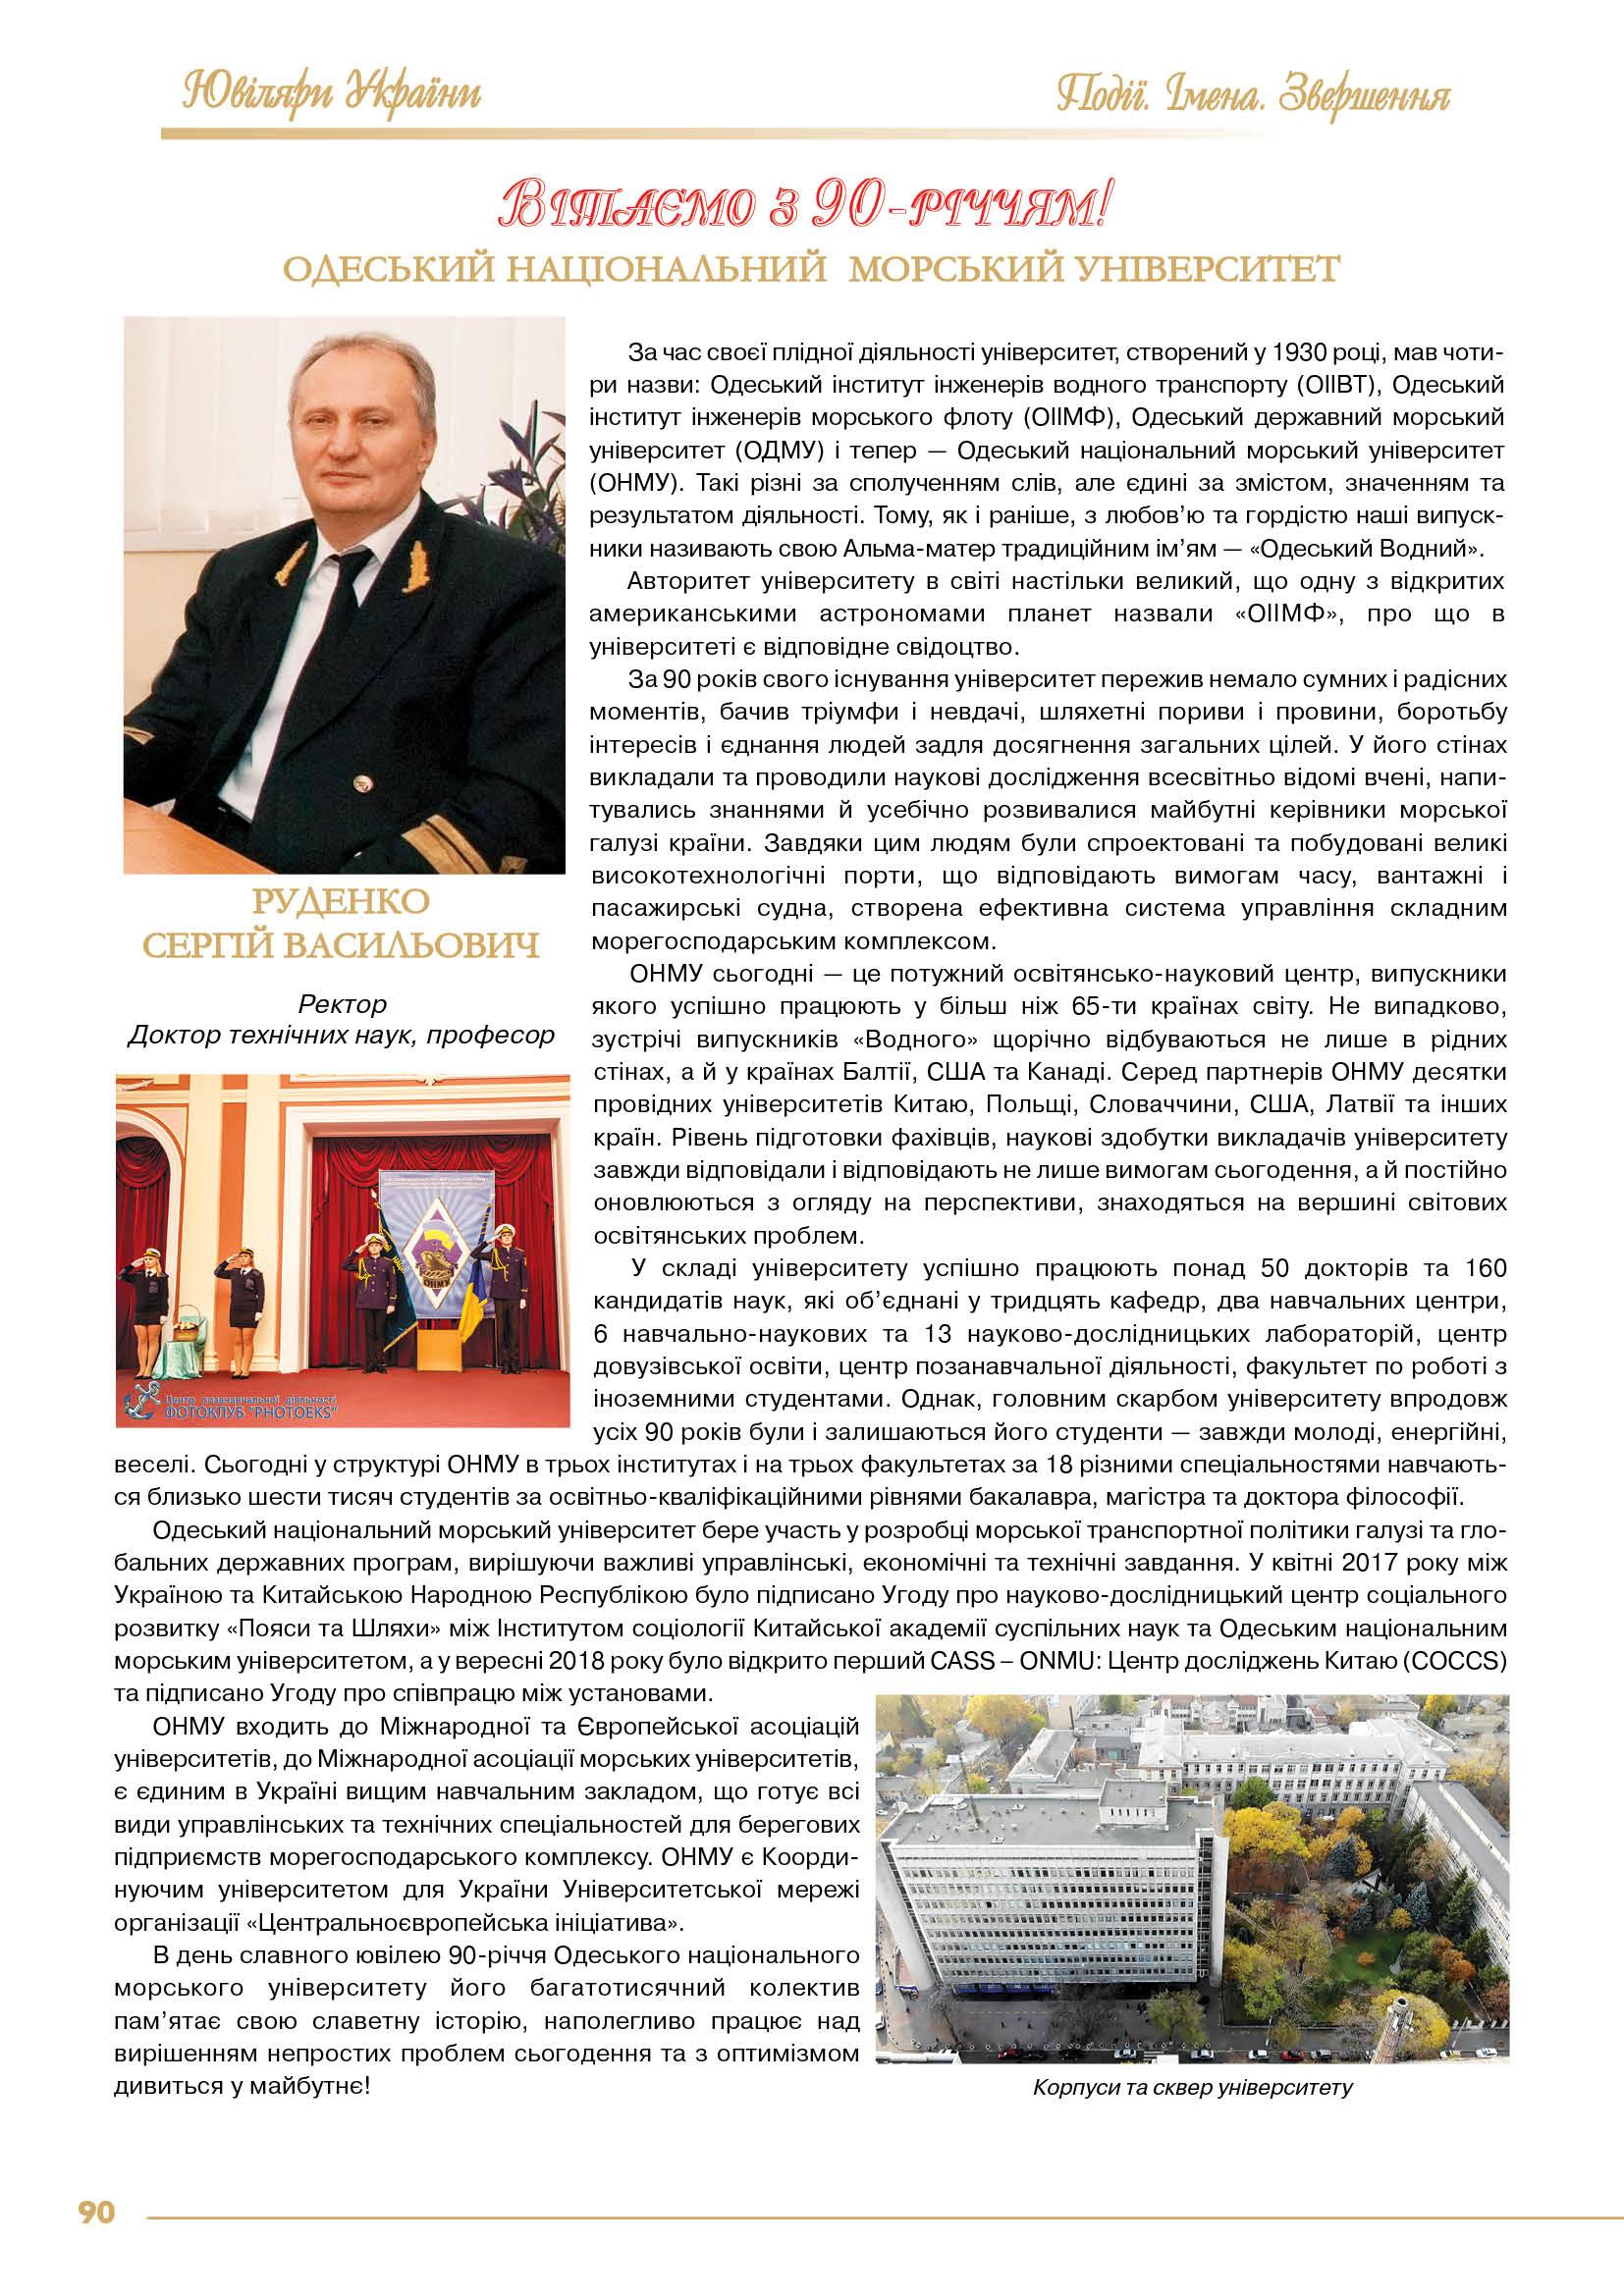 Одеський національний  морський університет - ректор Руденко Сергій Васильович